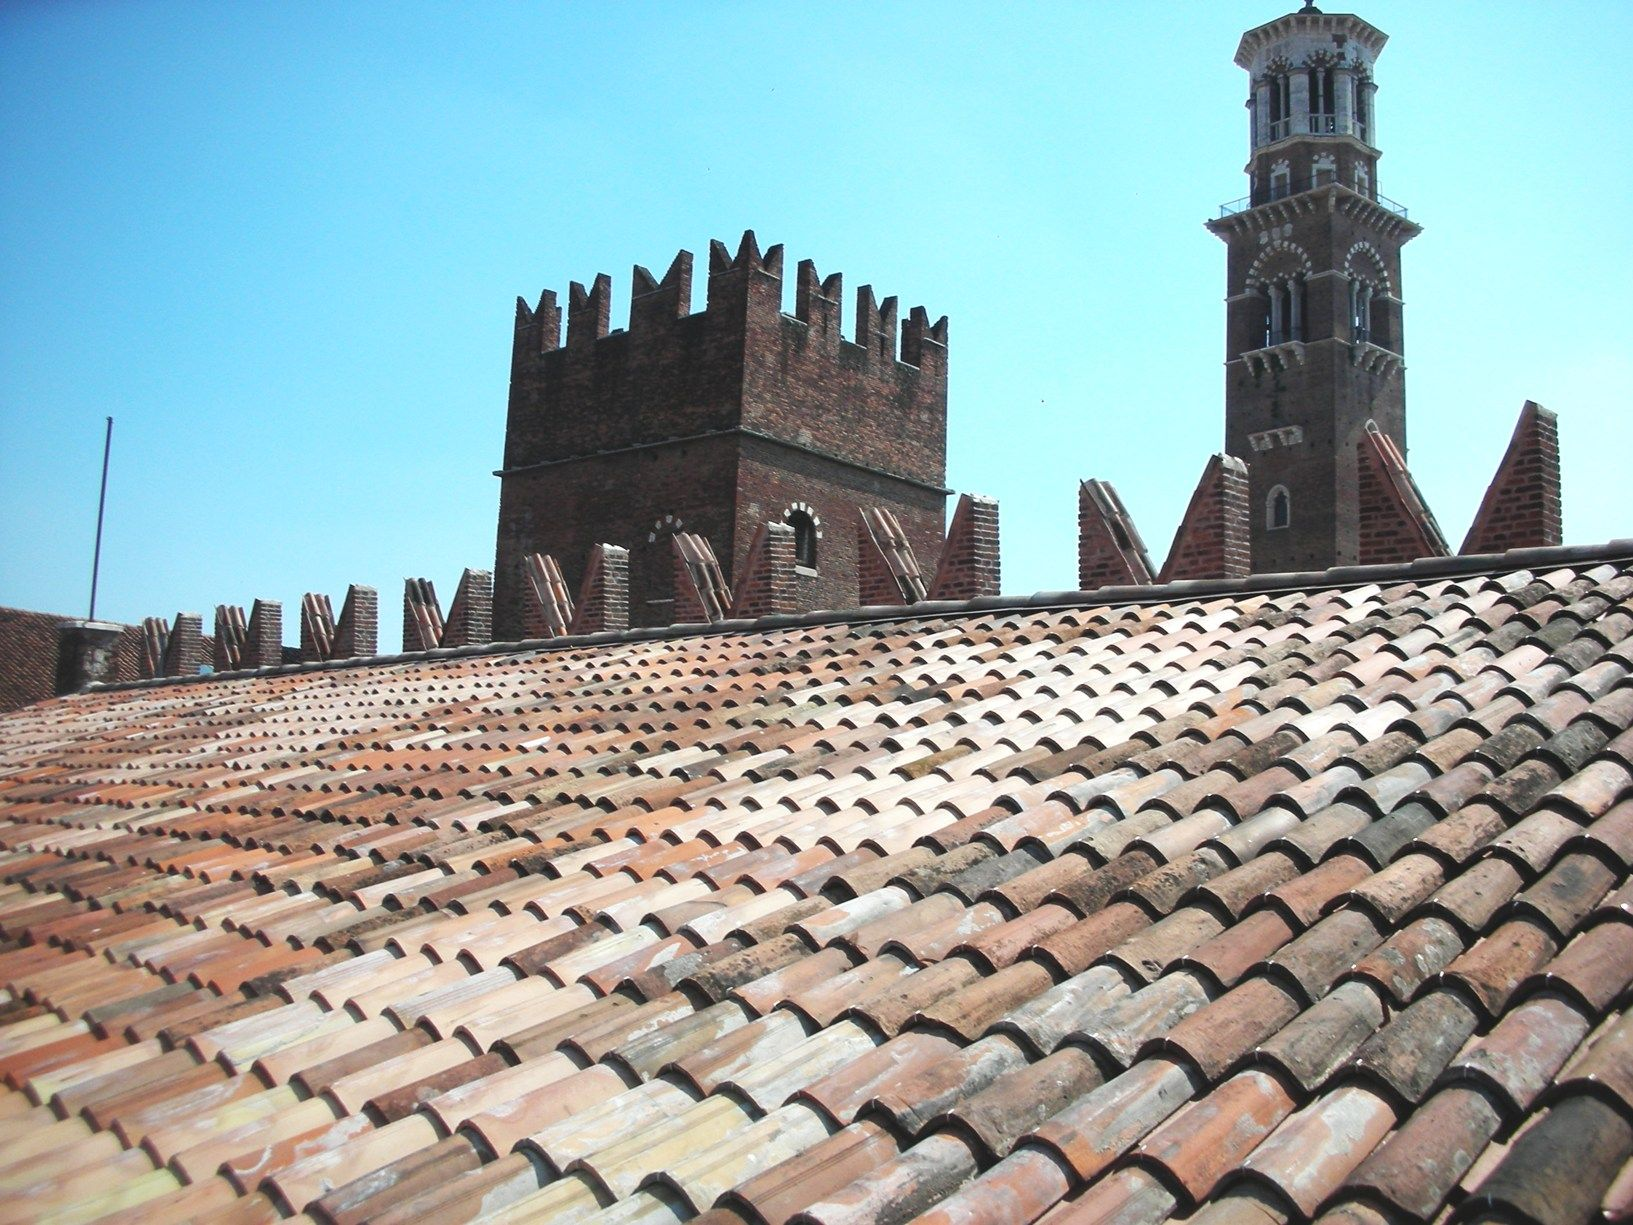 AERtetto per la realizzazione del nuovo tetto di Palazzo Scaligero a Verona